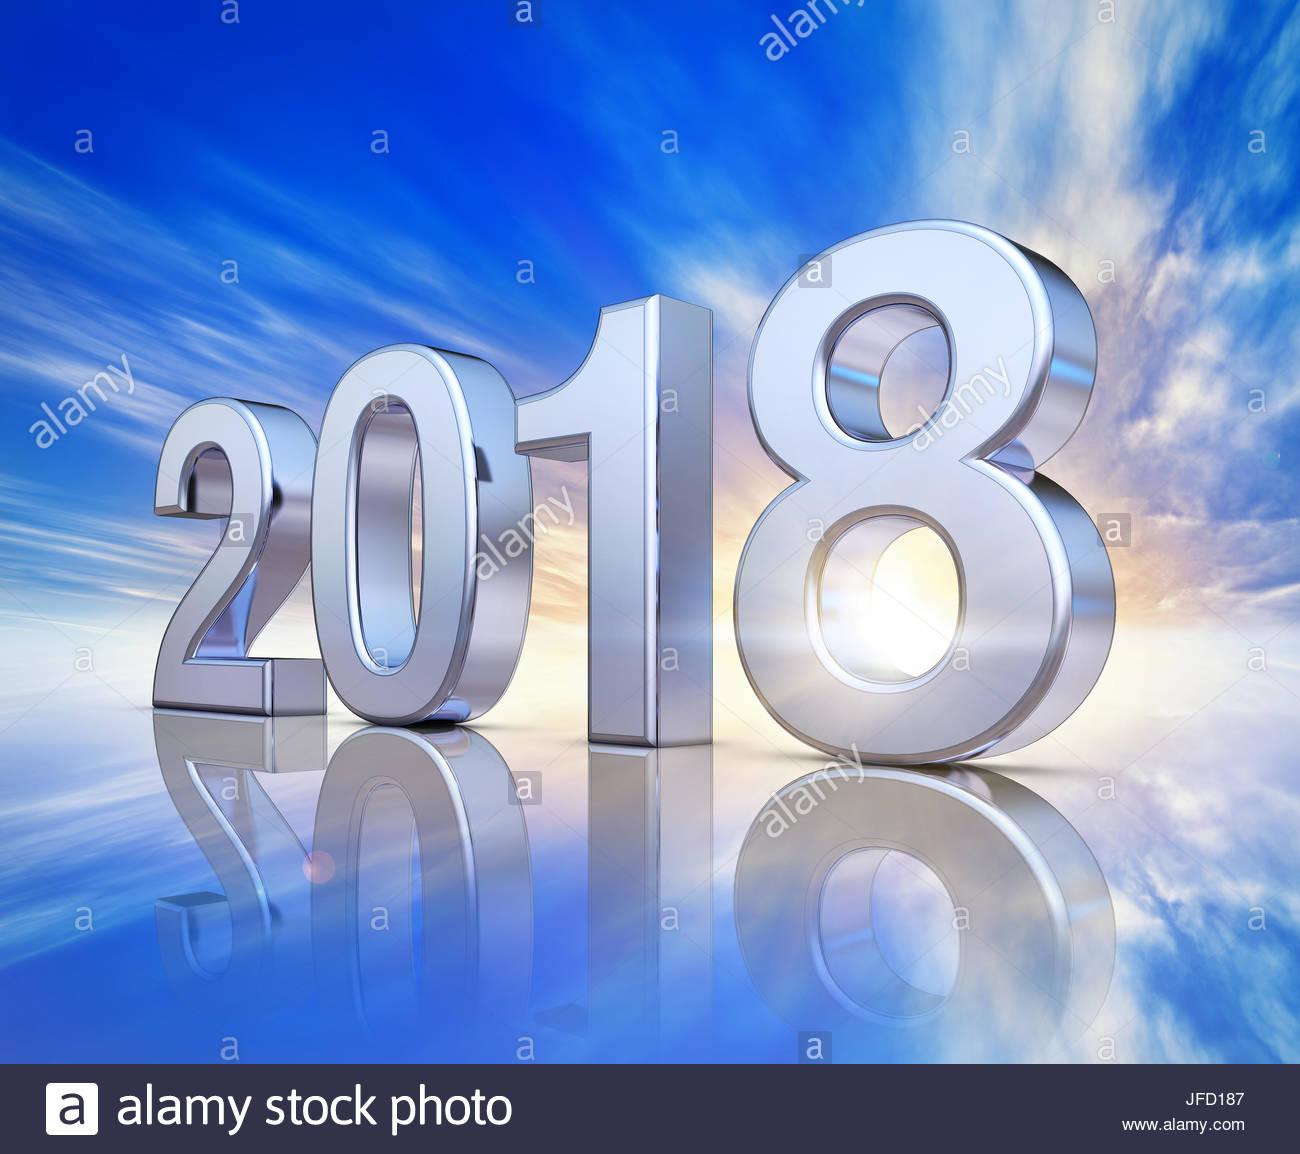 2018 background - Stock Image